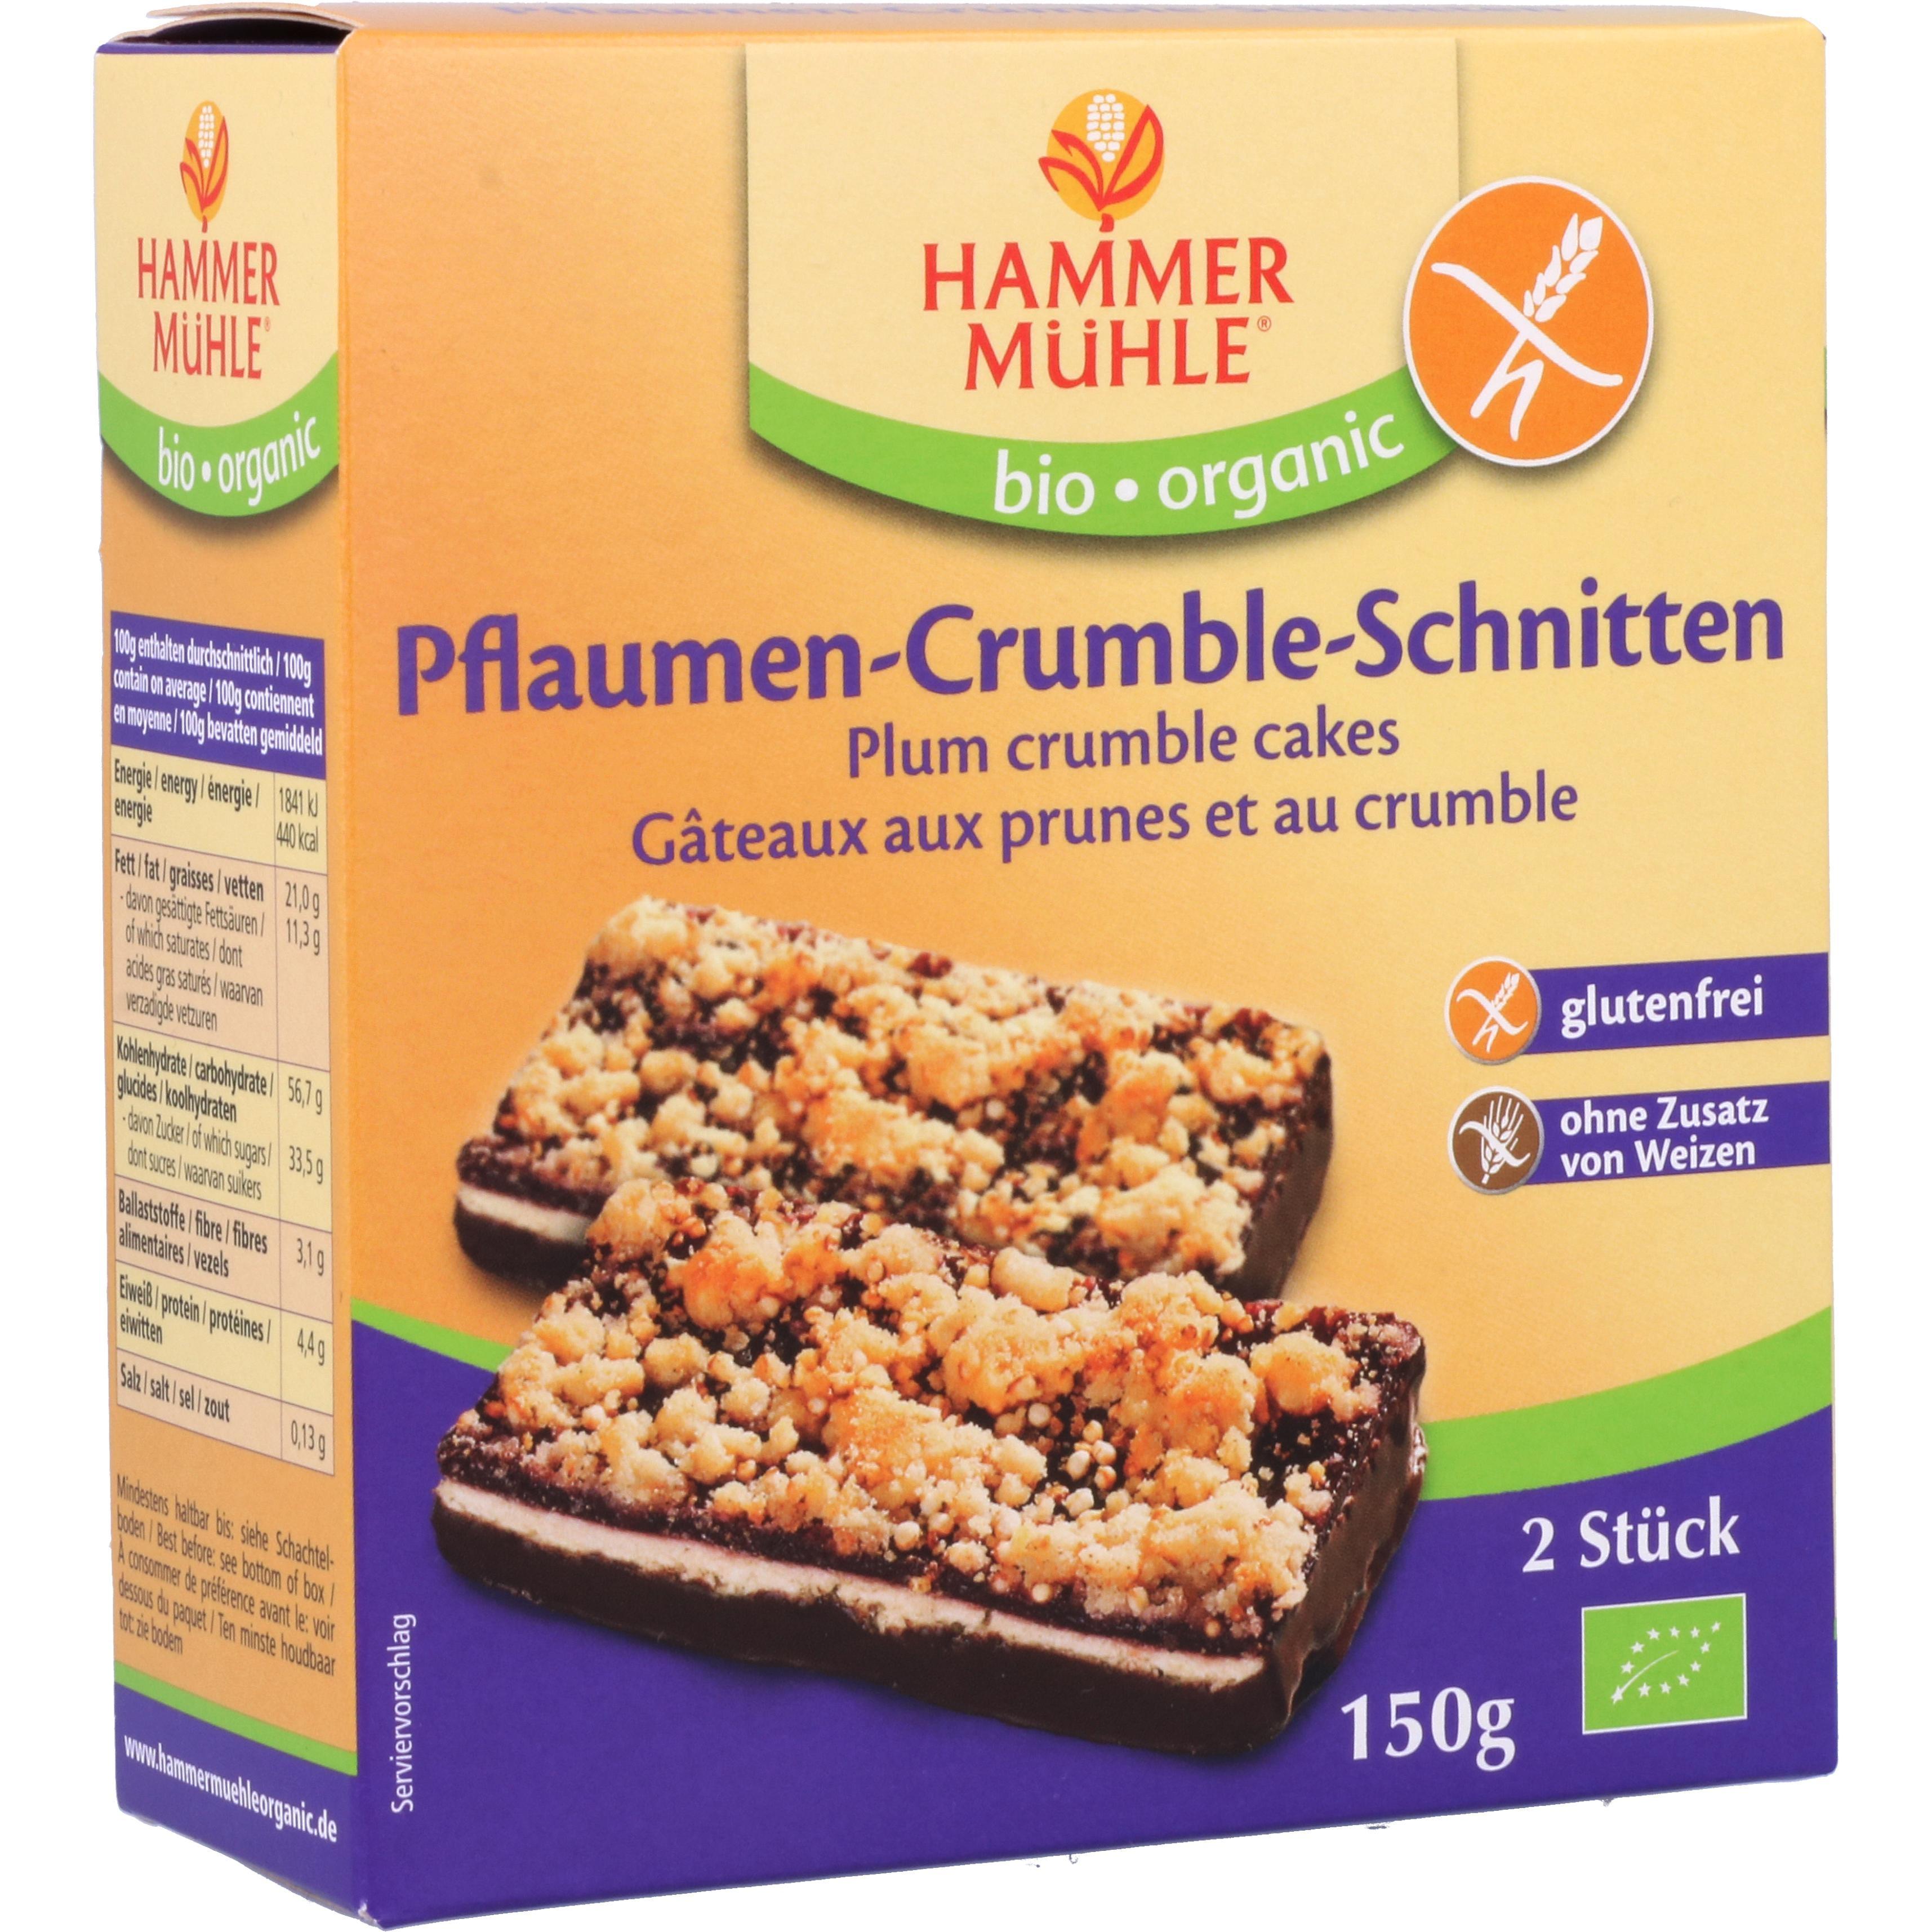 Hammermühle Organic Pflaumen-Crumble-Schnitten 150g